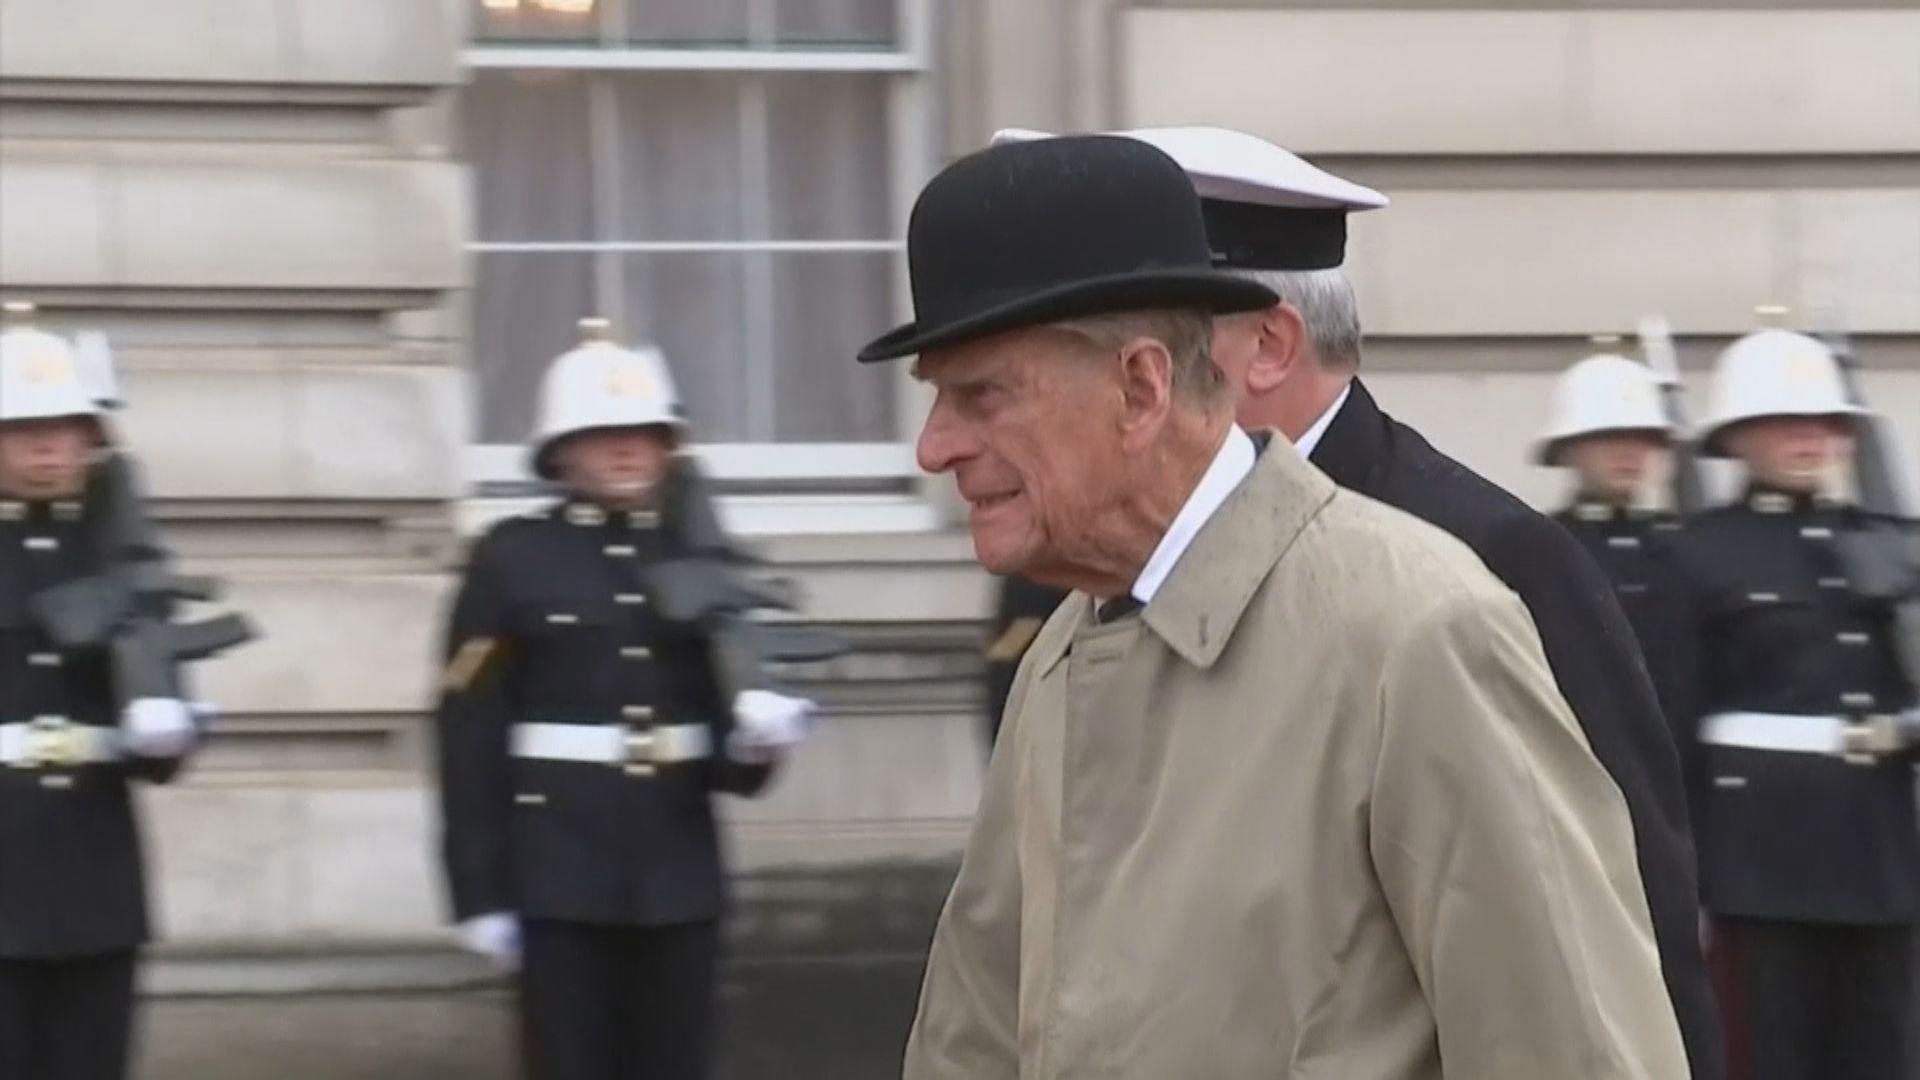 菲臘親王留院約一個月後返回溫莎堡